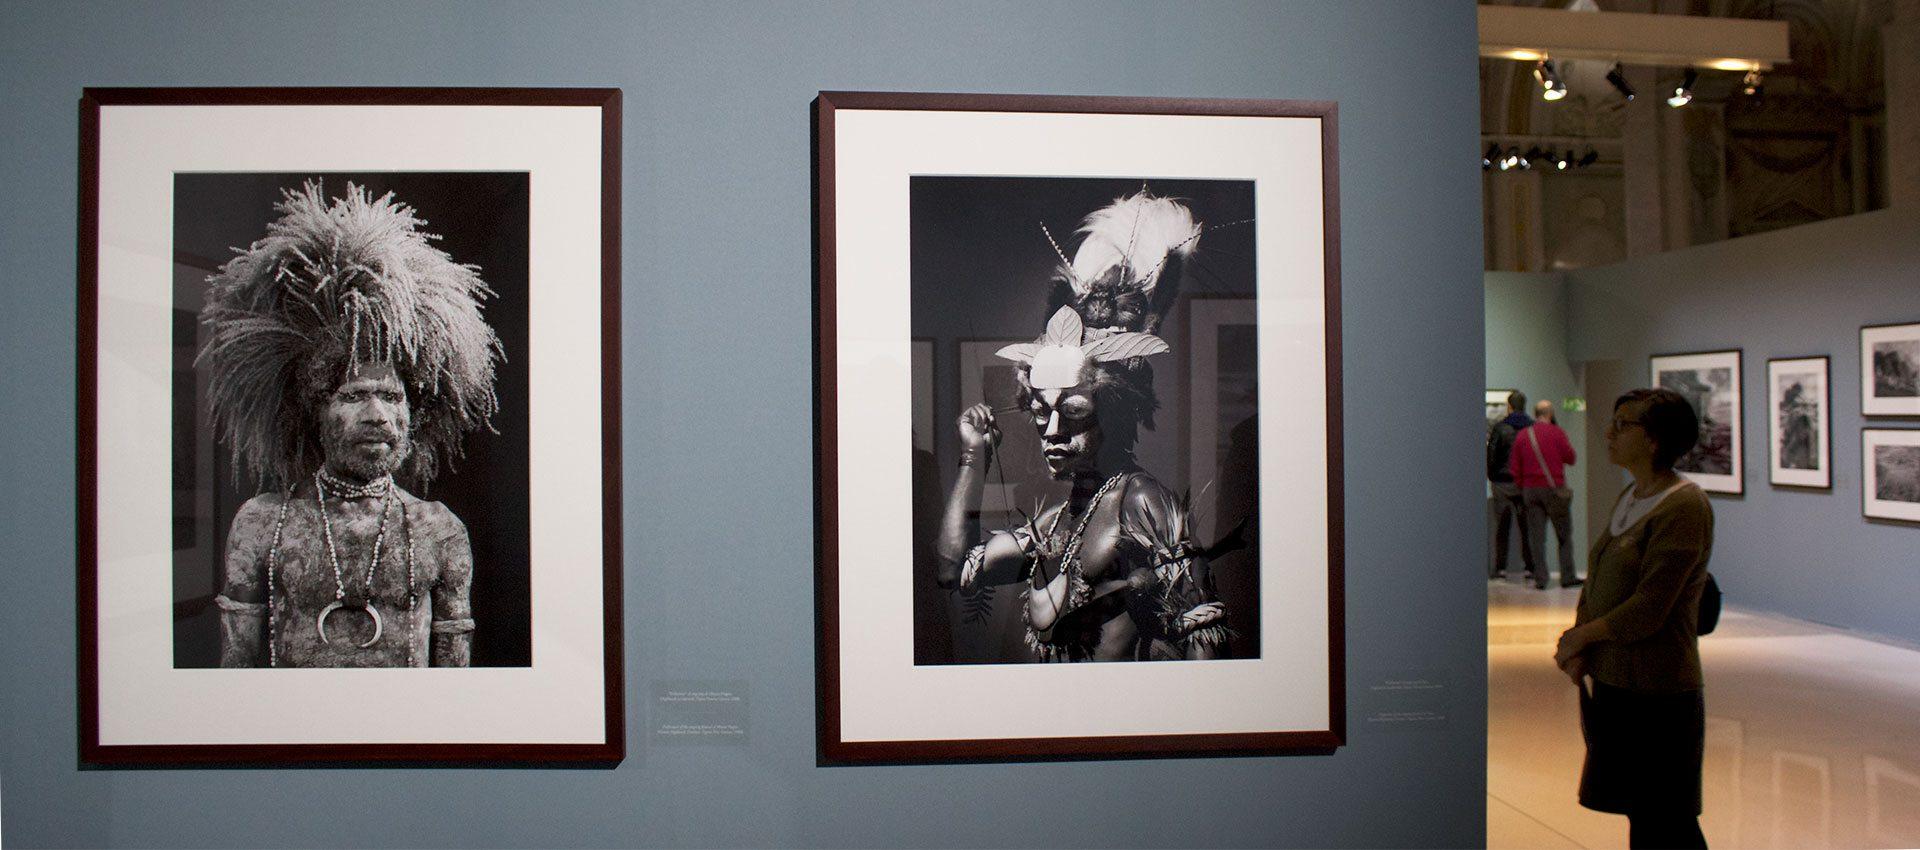 Mostra Salgado a Forlì - foto africa